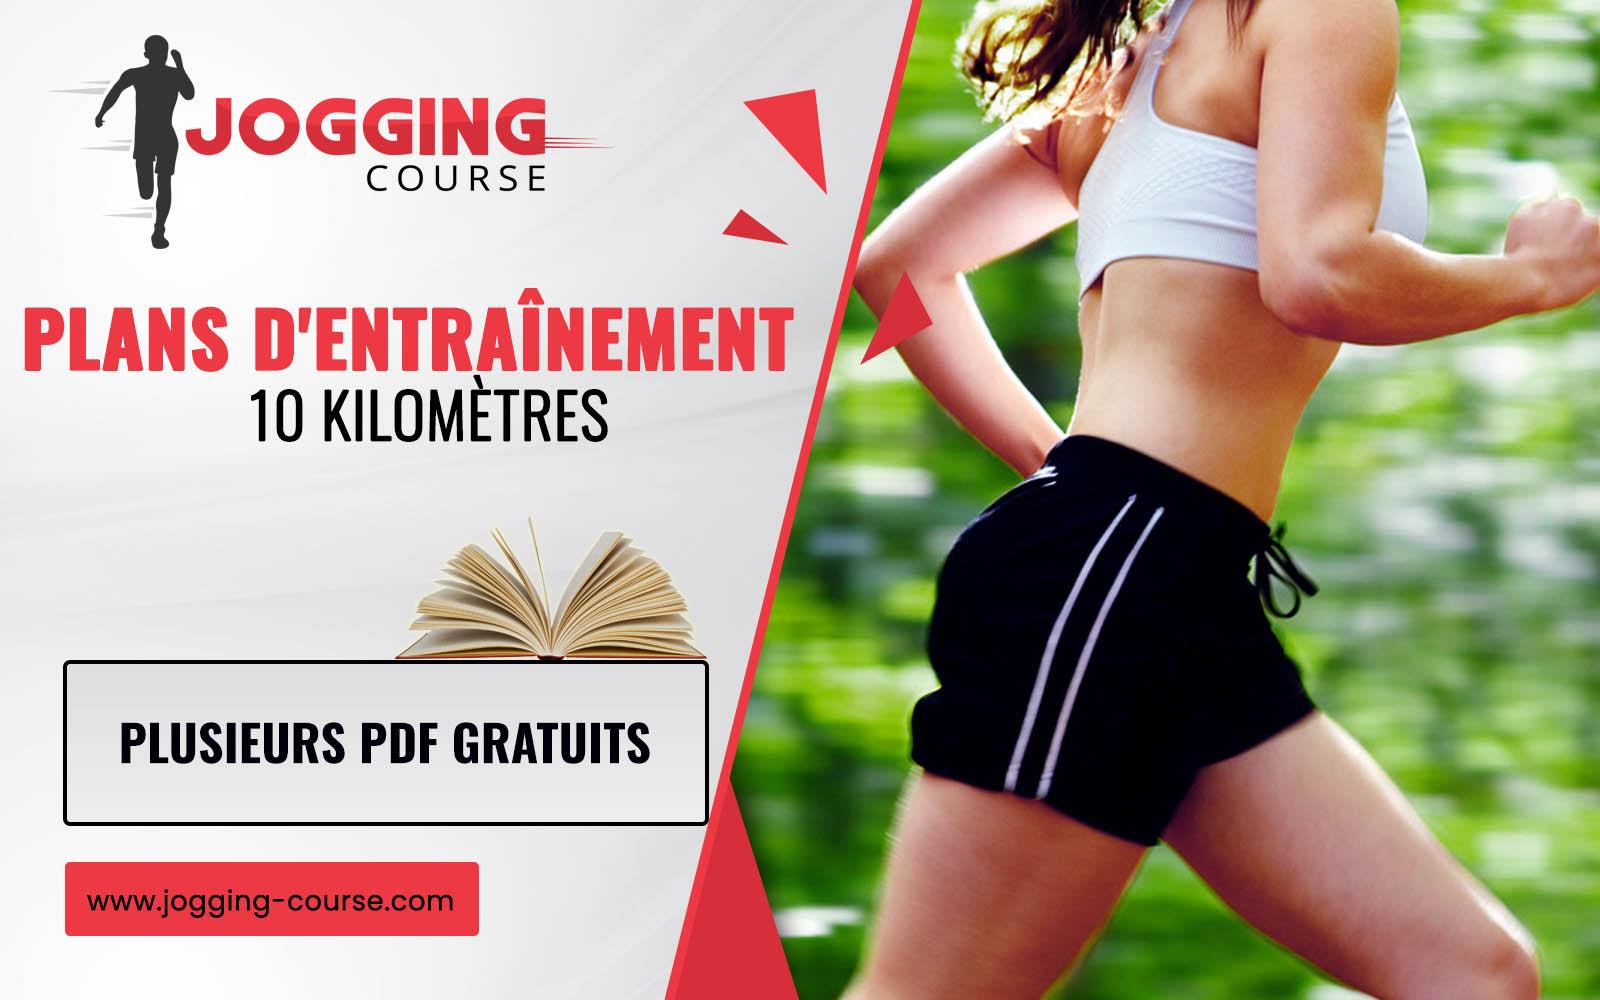 Plans d'entraînement 10 kilomètres